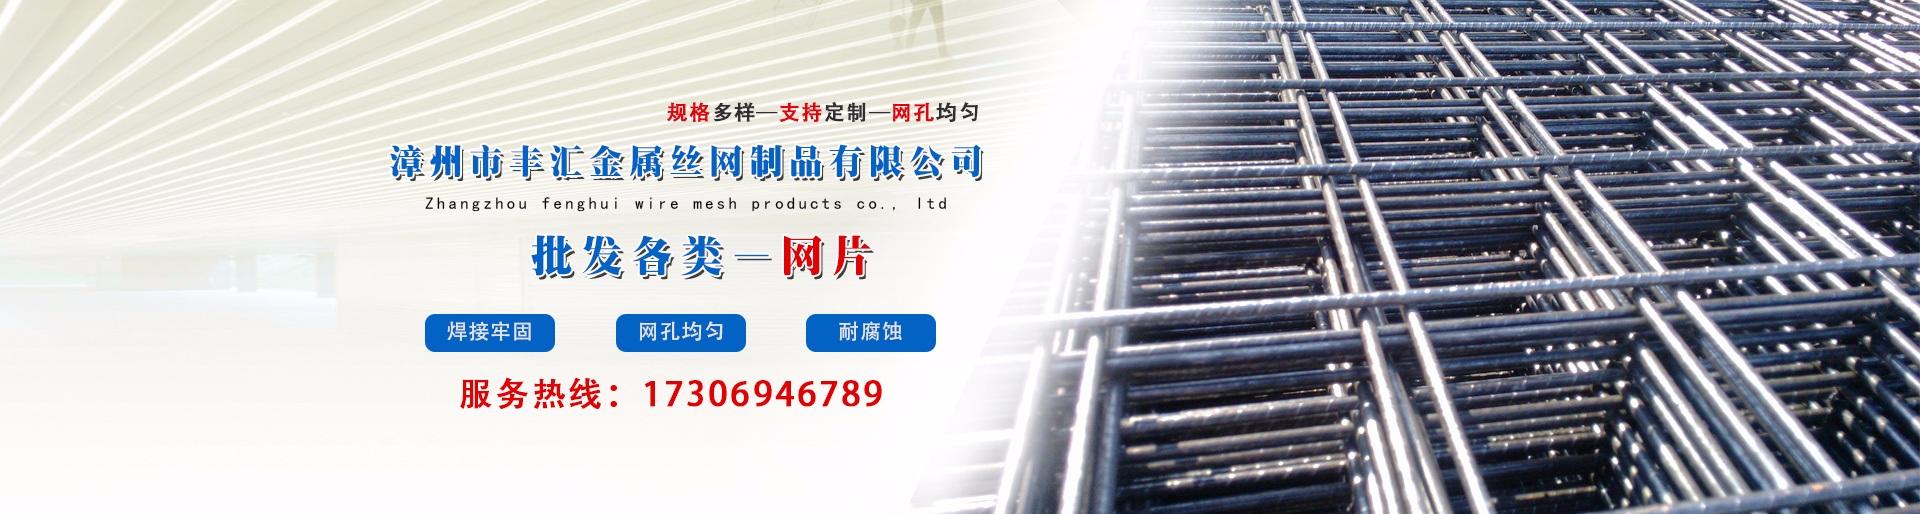 漳州市丰汇金属丝网制品有限公司